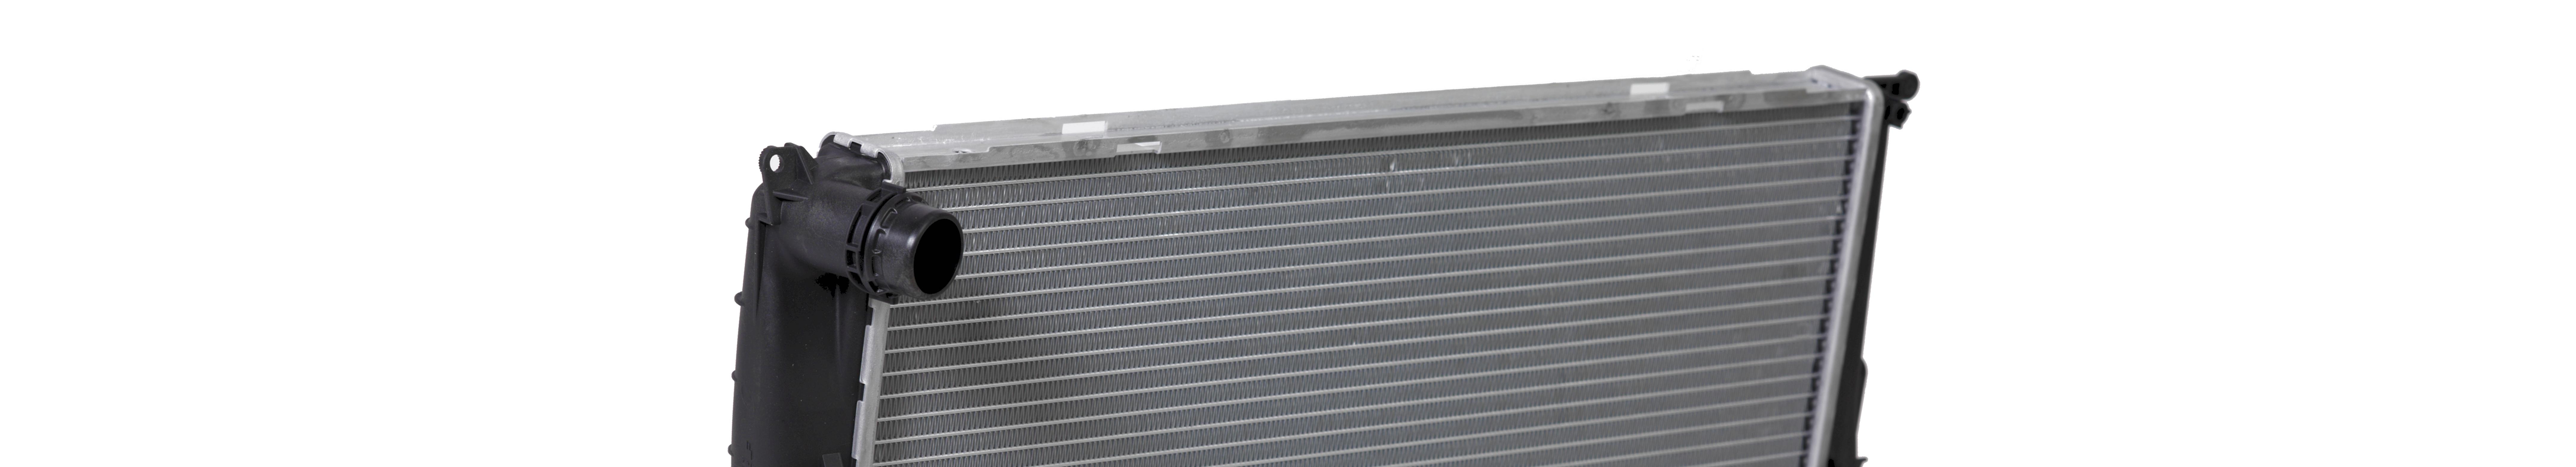 Radiateur reviseren of vervangen snel goedkoop bij Car Cool Systems